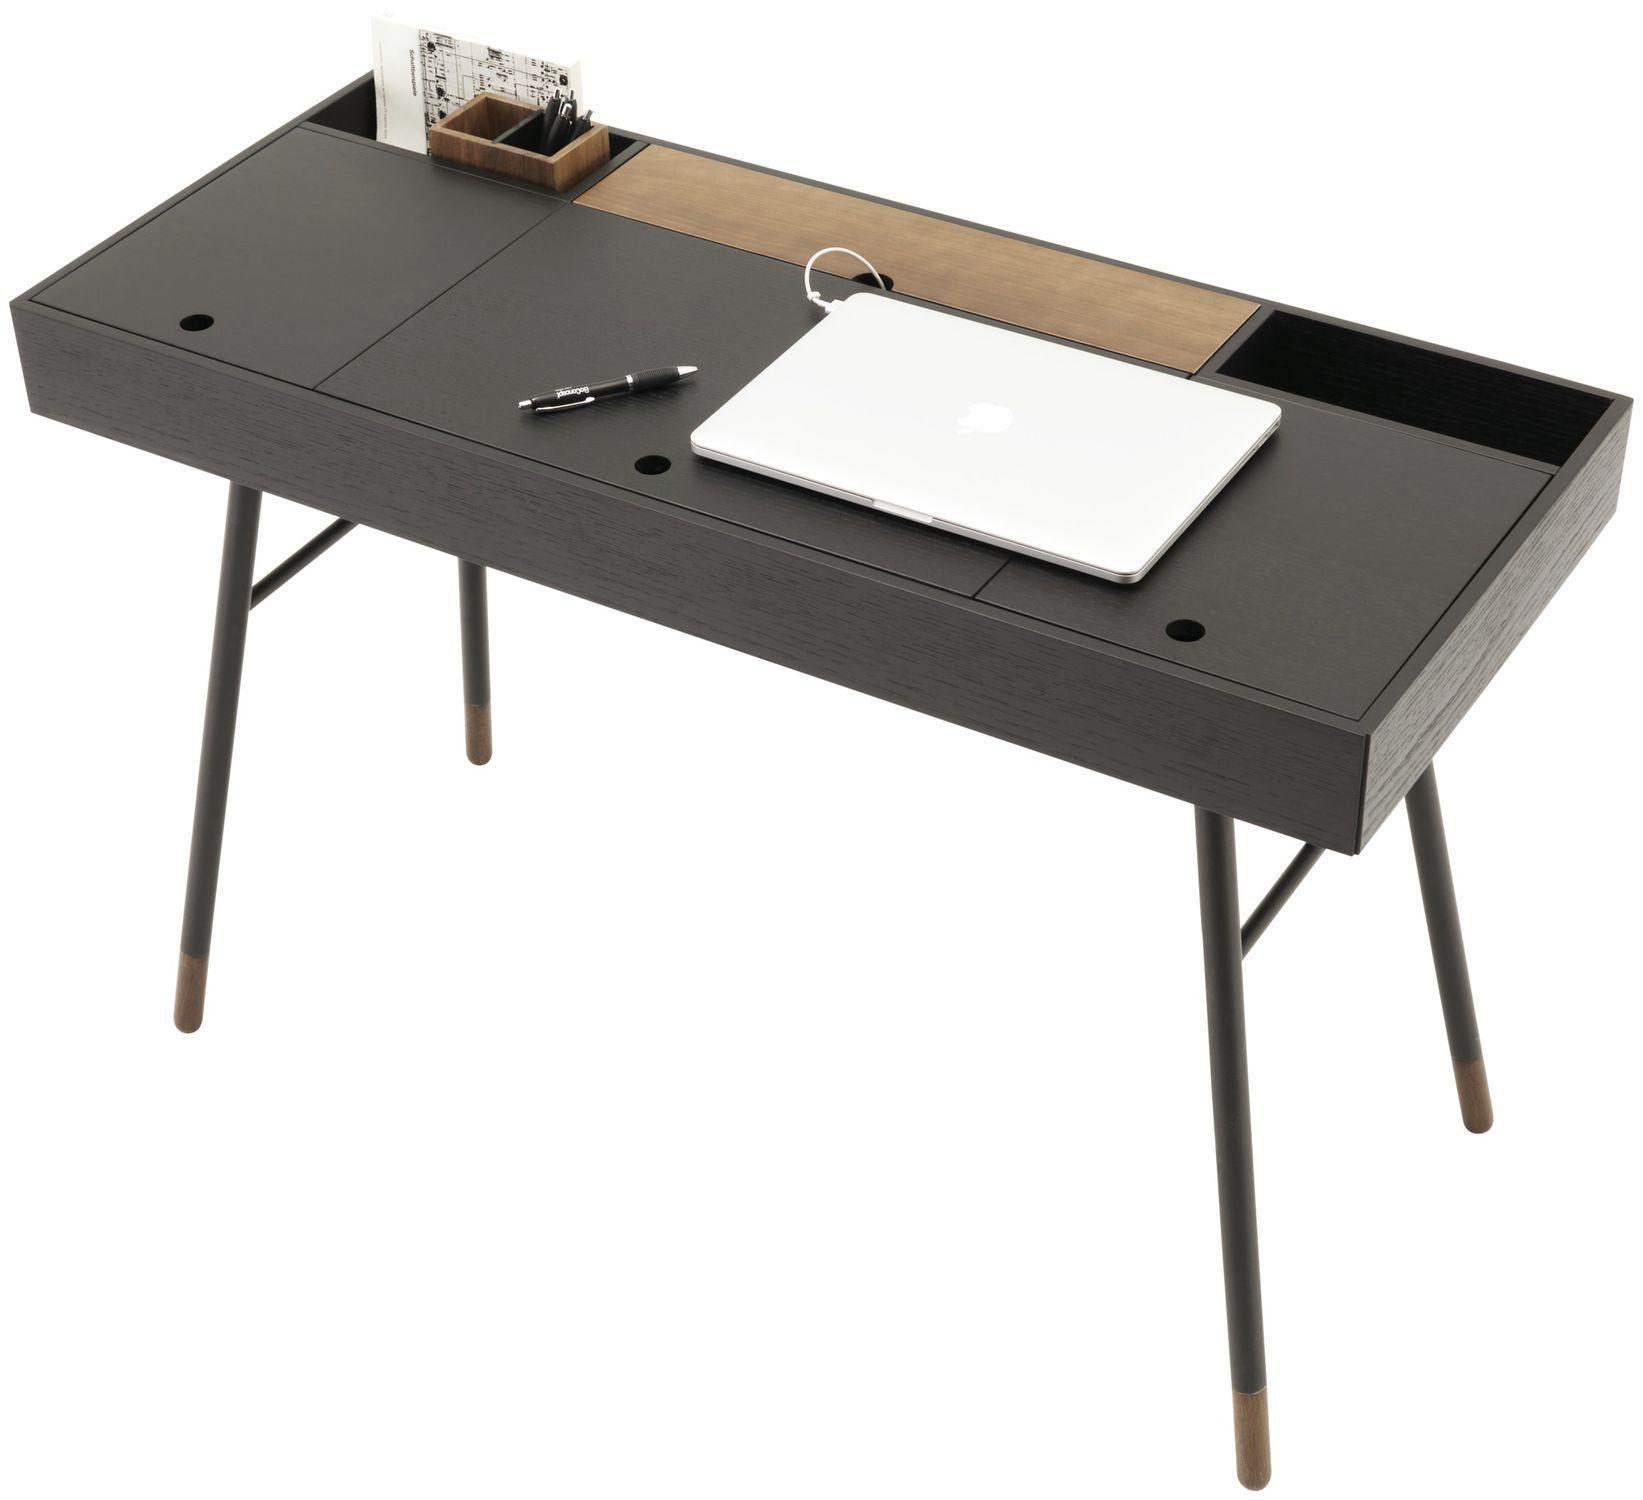 Schreibtisch modern  MDF-Schreibtisch / modern / integrierter Stauraum - CUPERLINO ...